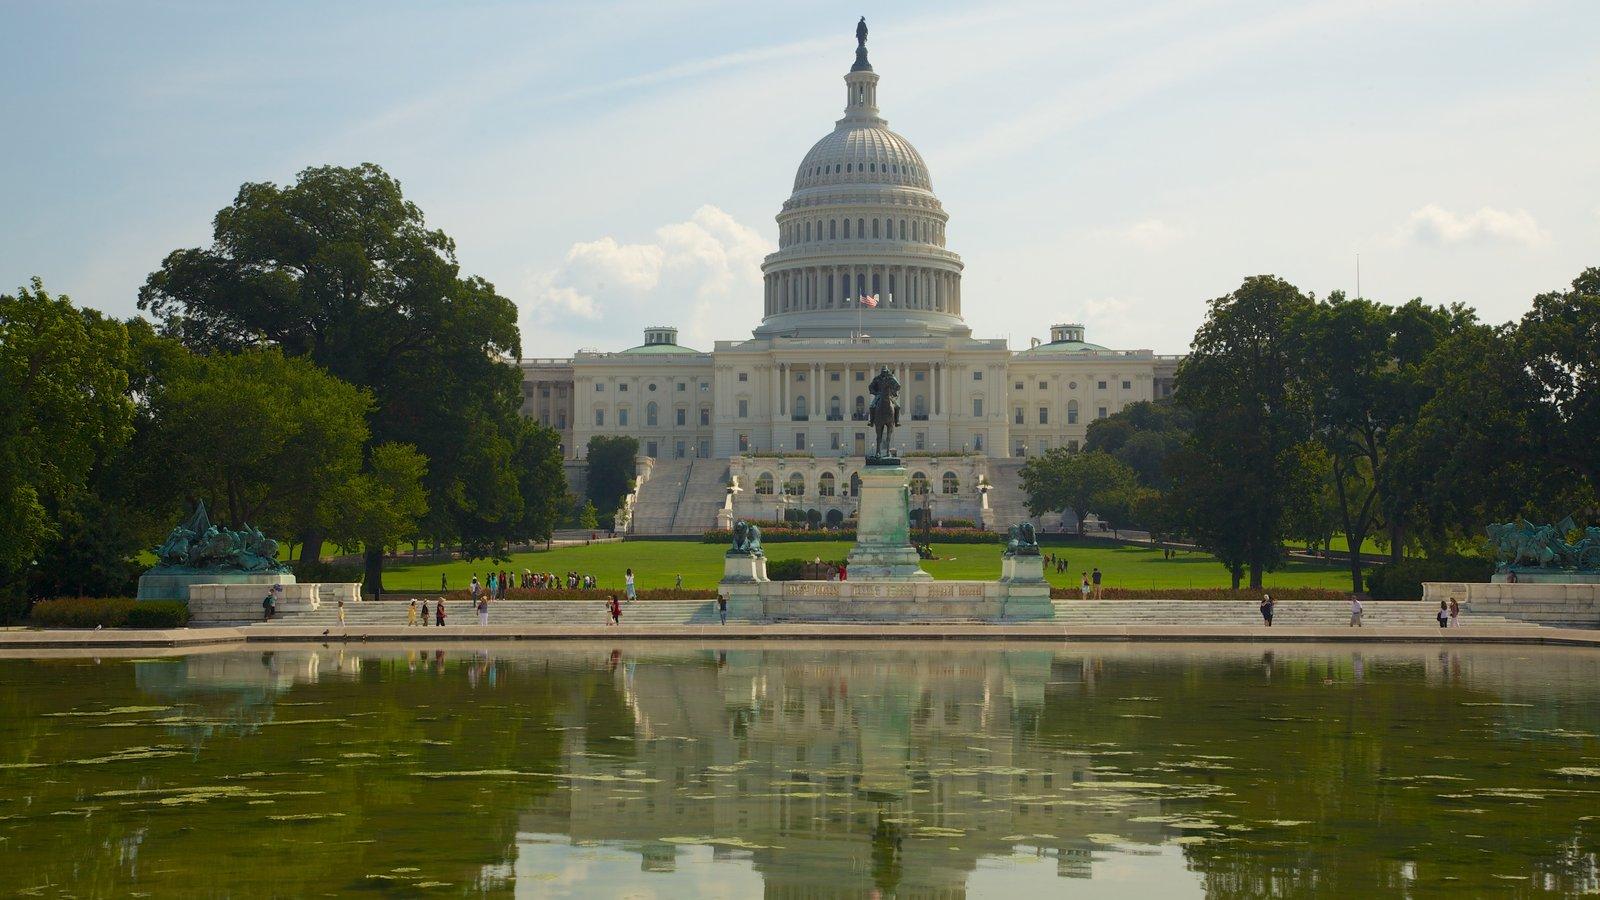 National Mall que inclui arquitetura de patrimônio, uma praça ou plaza e paisagem